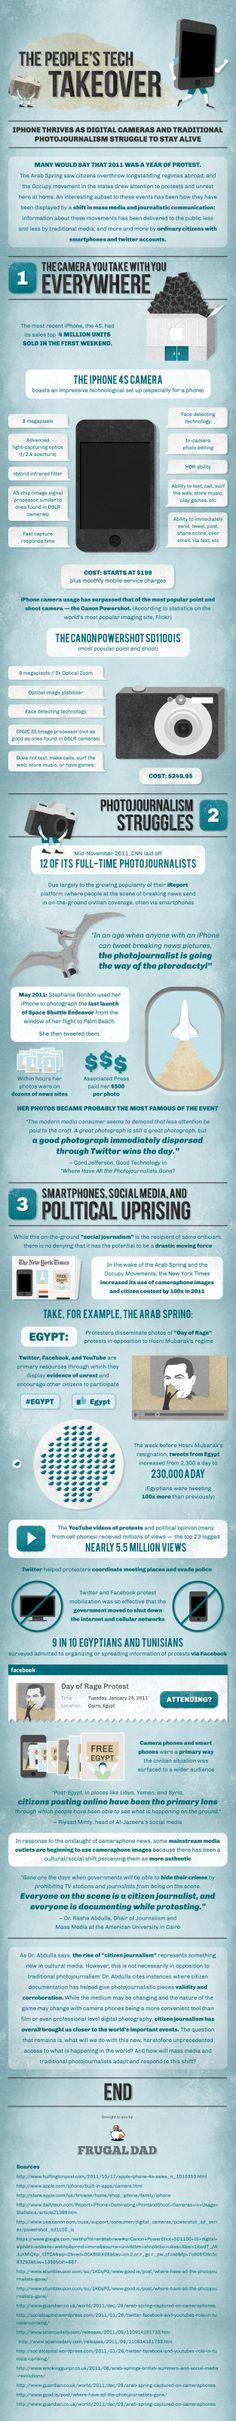 El iPhone y el Social Media revoluciona el periodismo